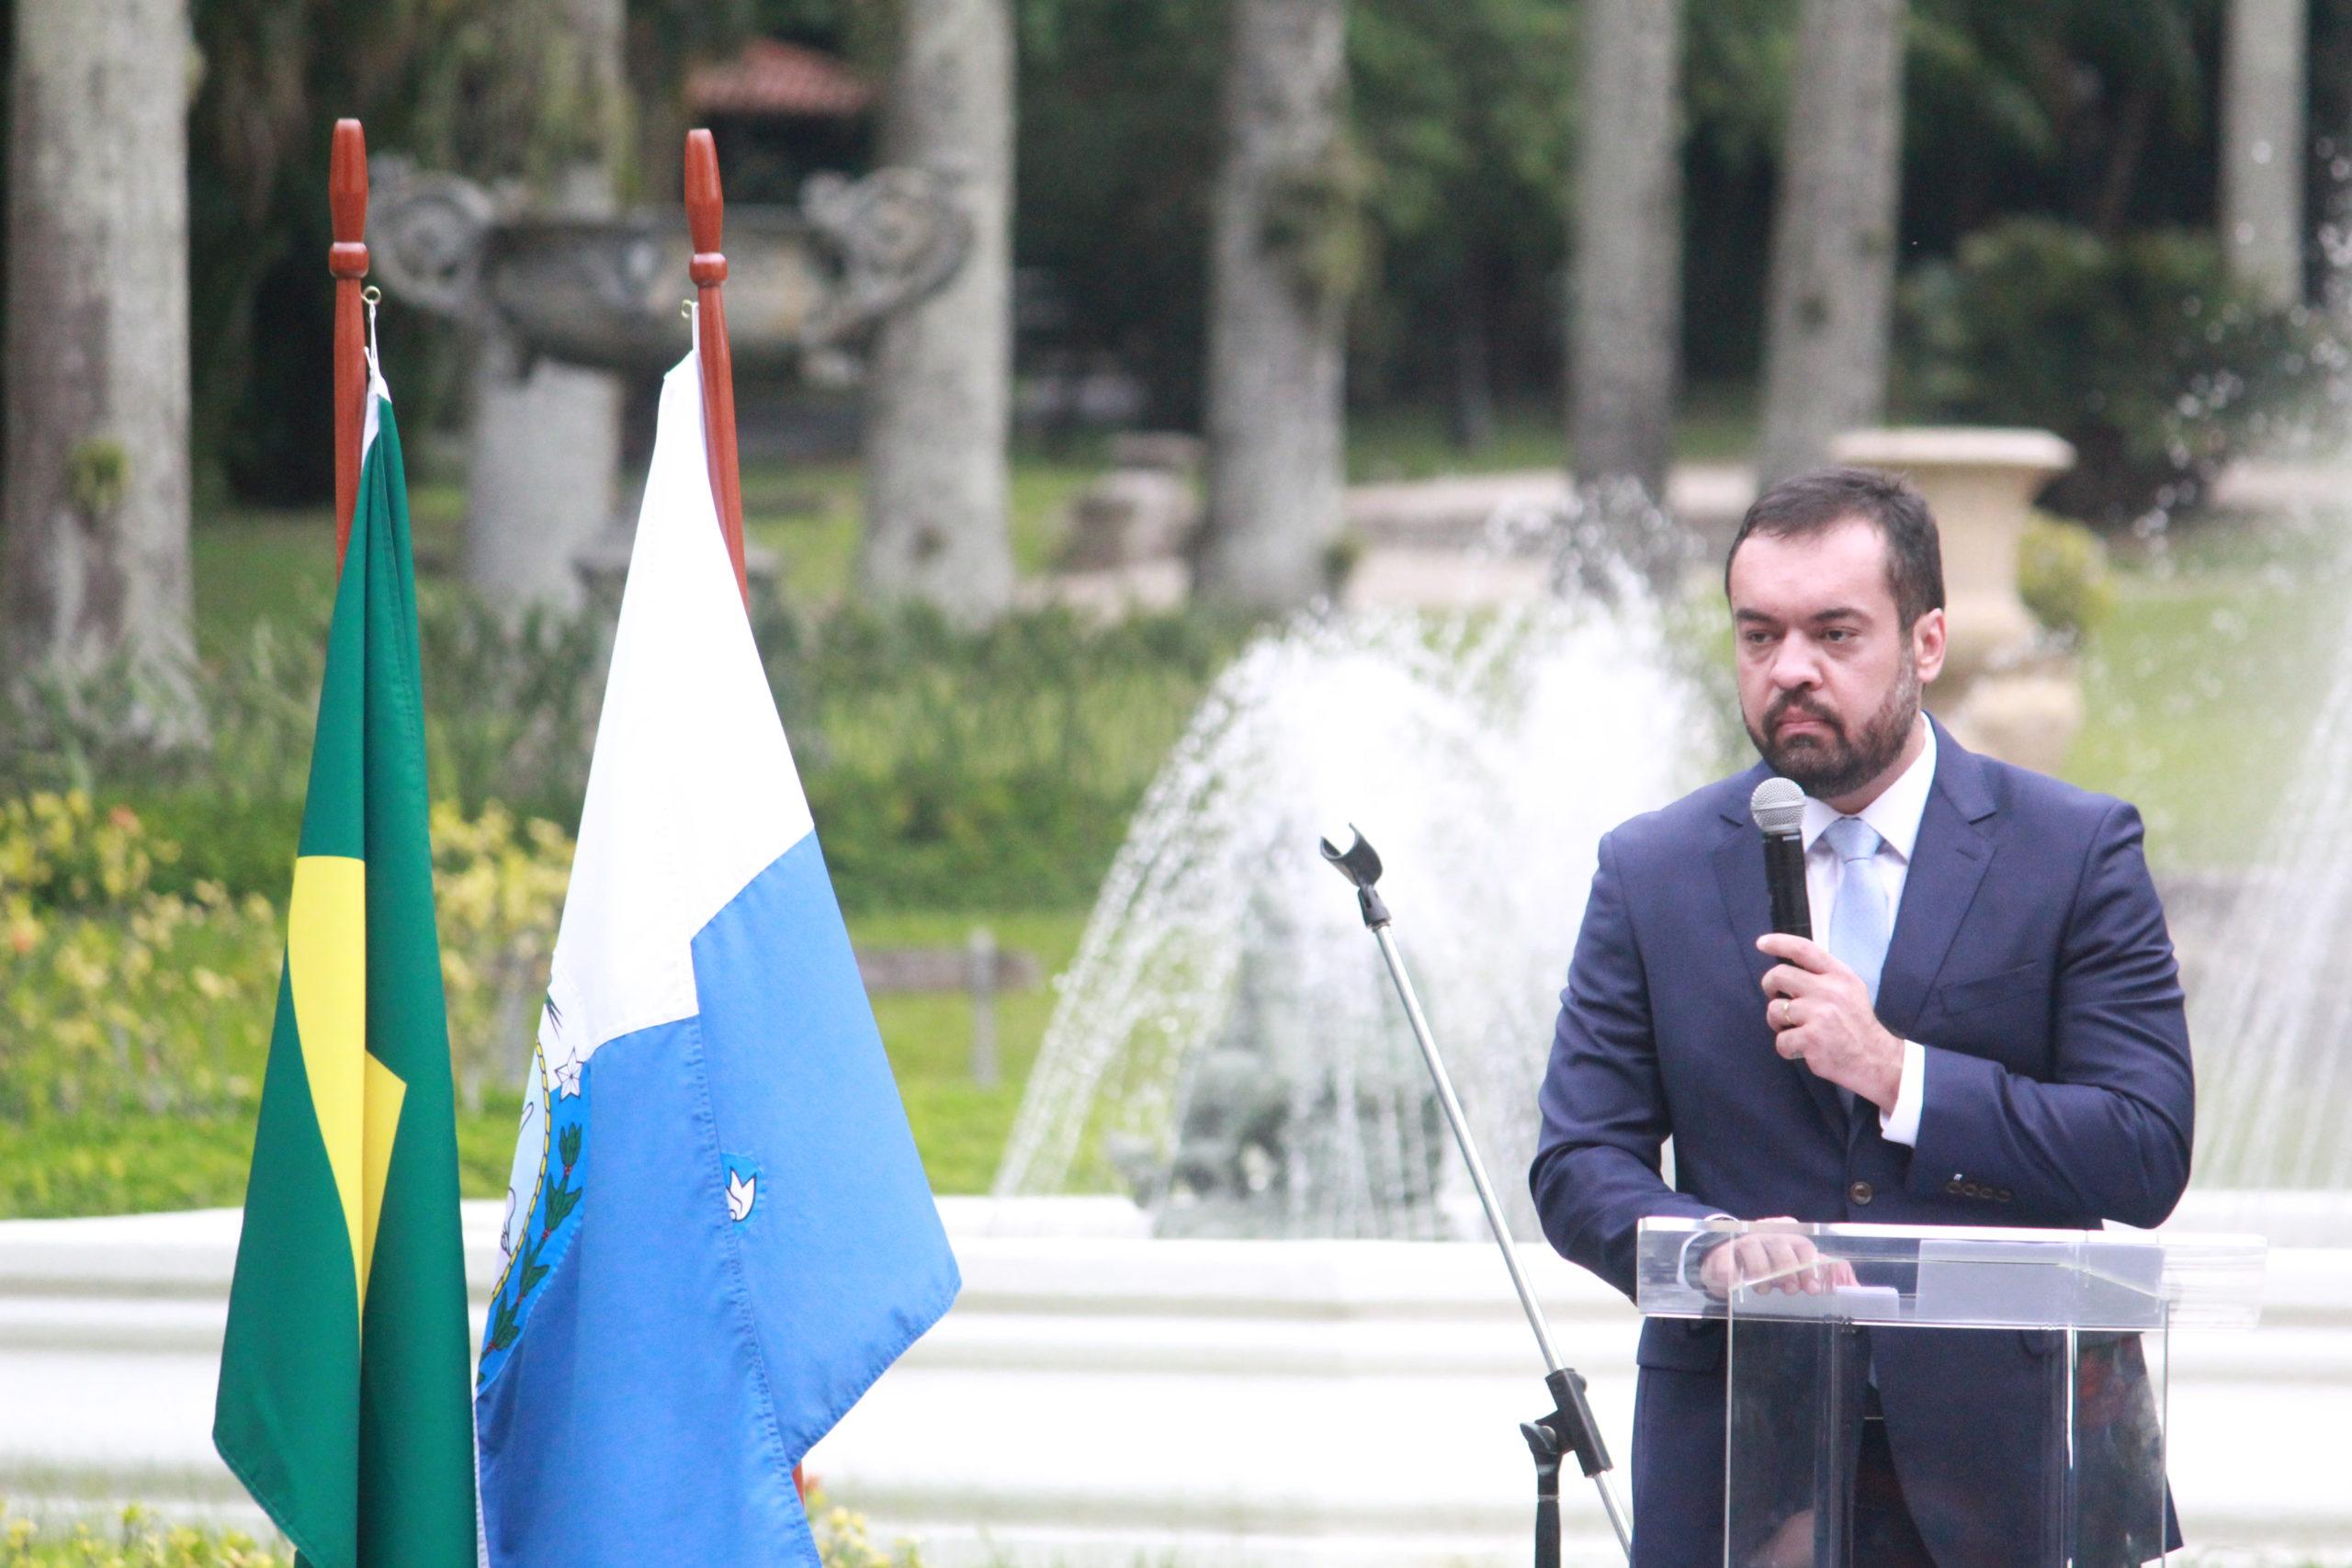 Governador na cerimônia de posse, no Palácio Guanabara